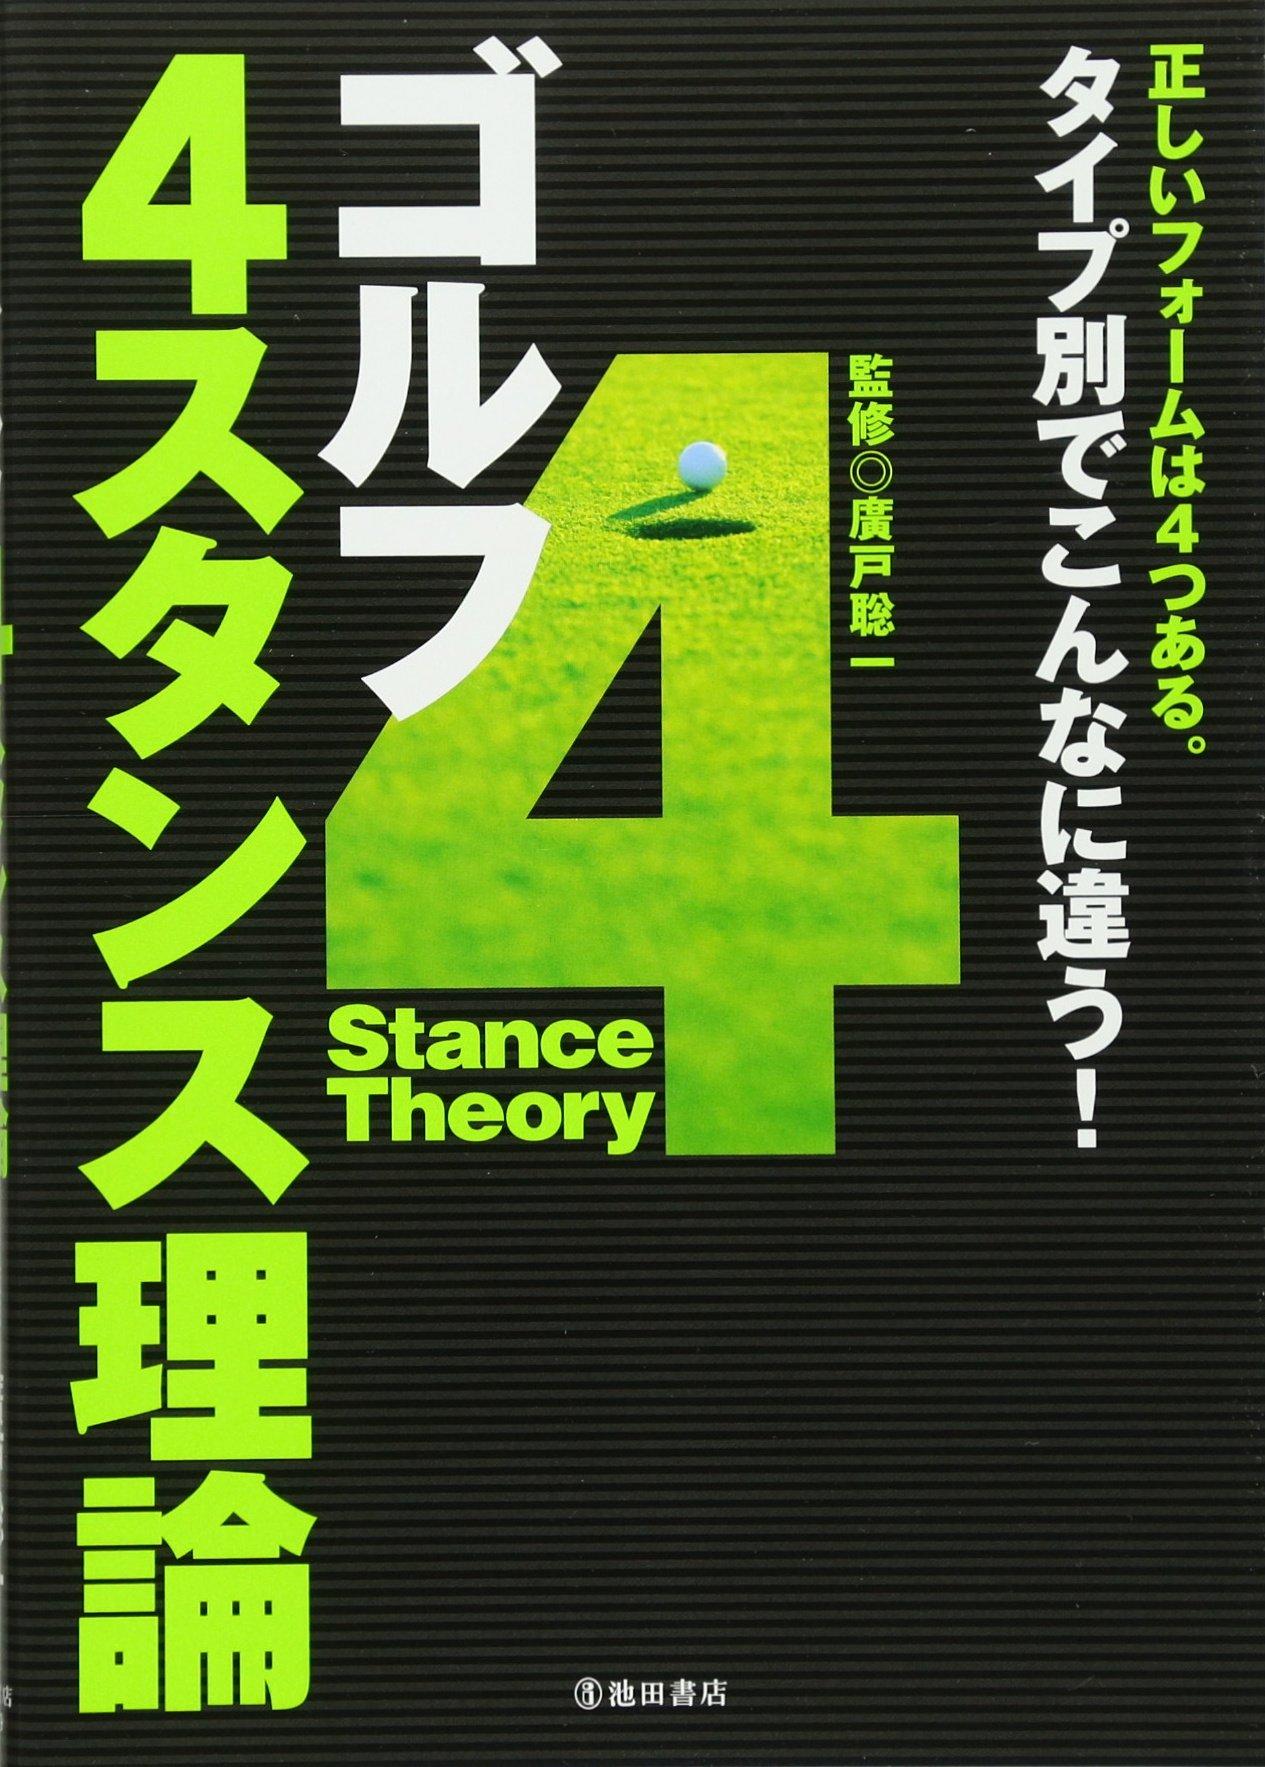 スタンス 理論 4